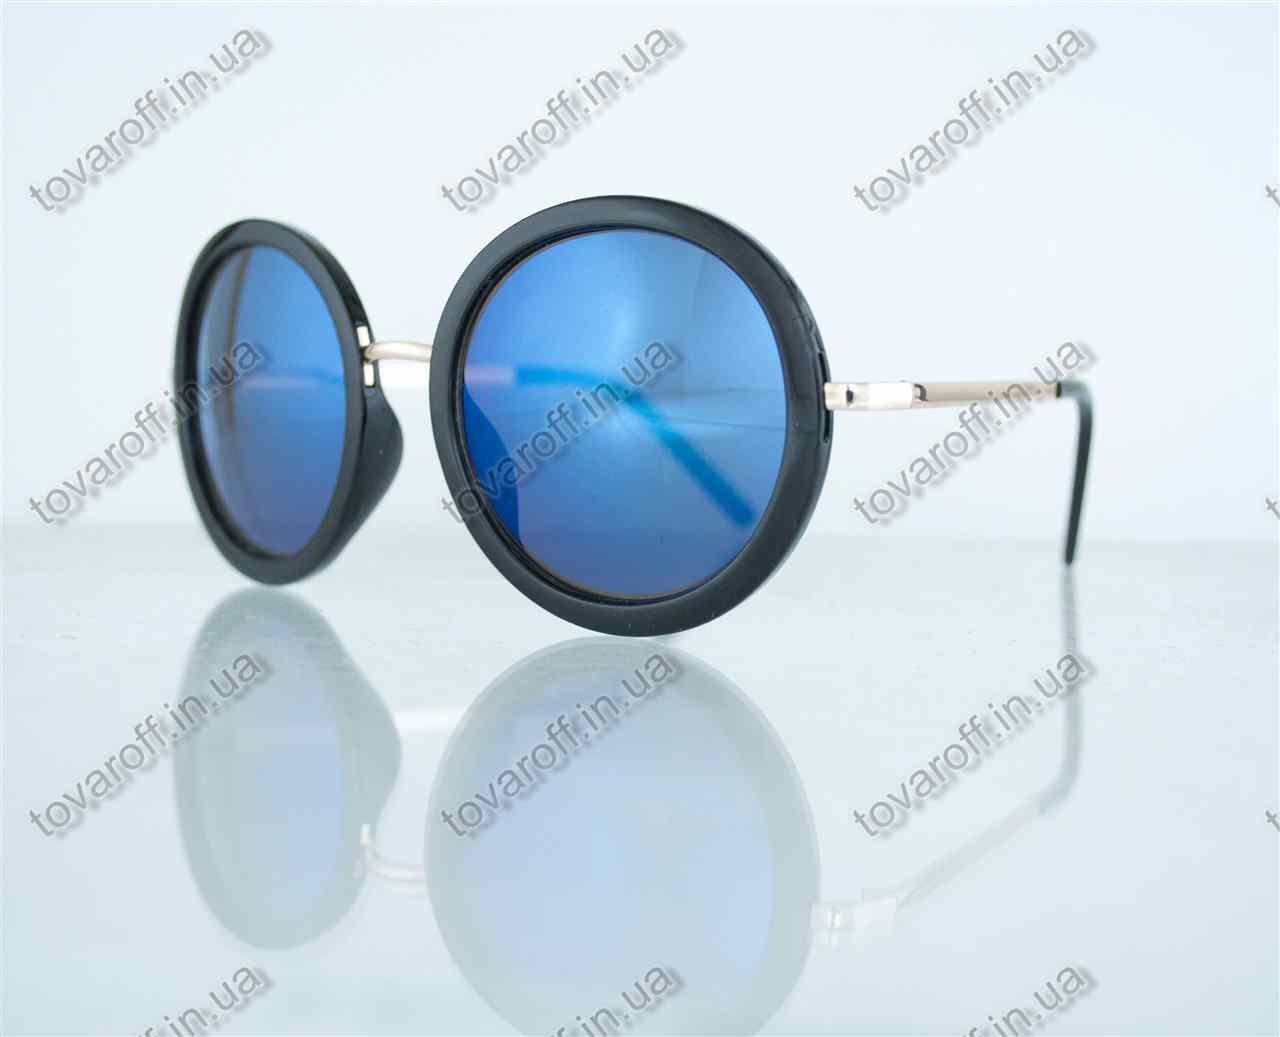 Очки унисекс солнцезащитные круглые - Черные с синими зеркальными линзами - 2106